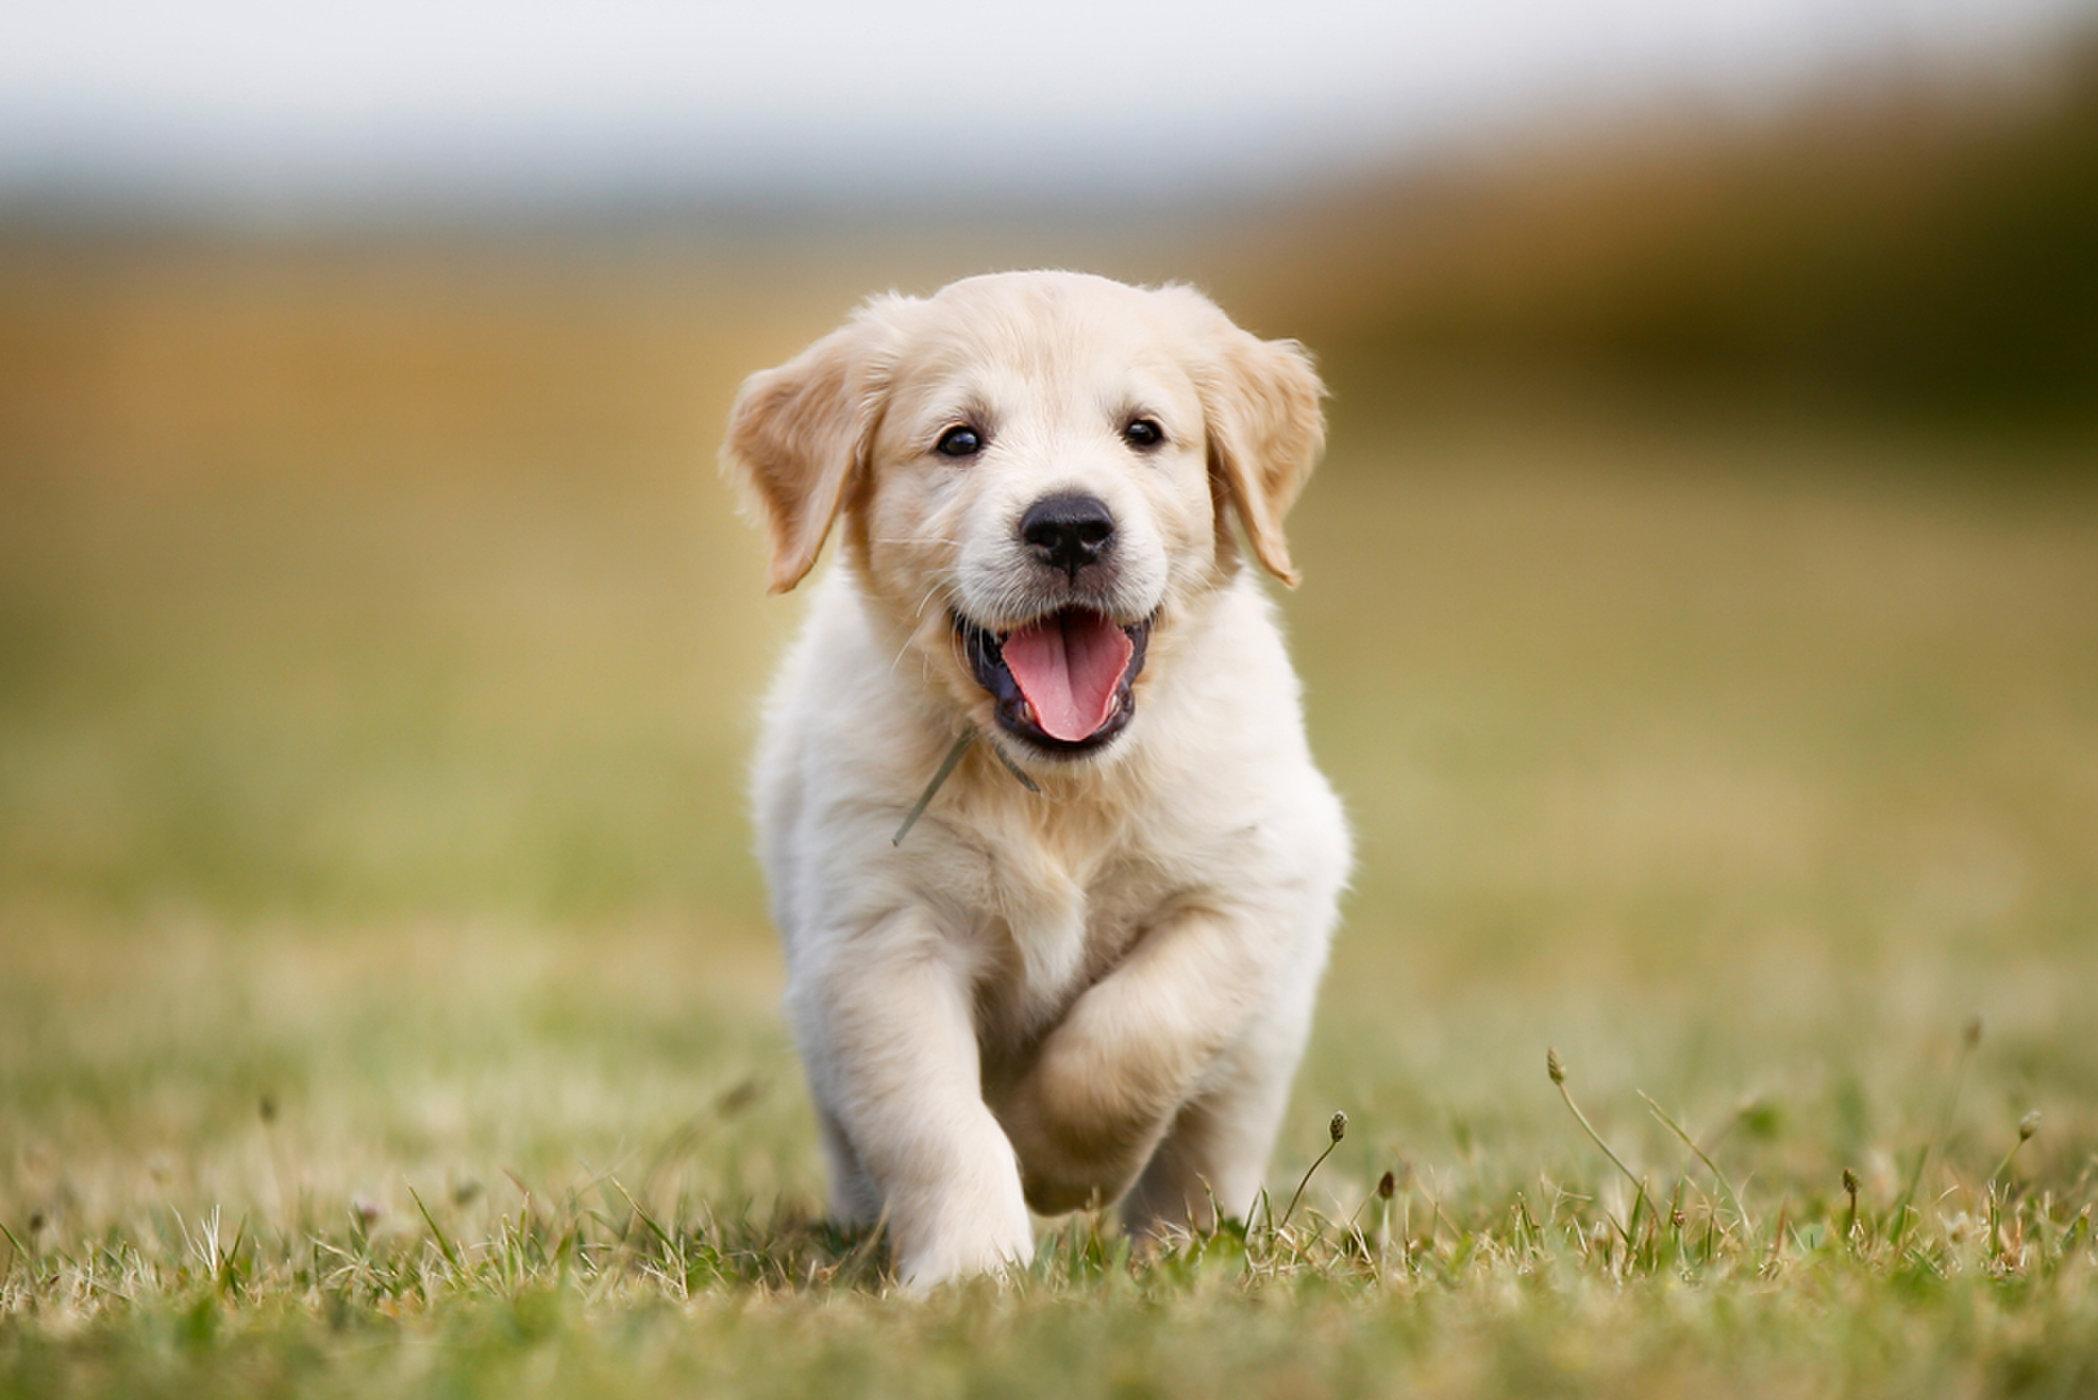 Hình nền chú cún con Golden dễ thương